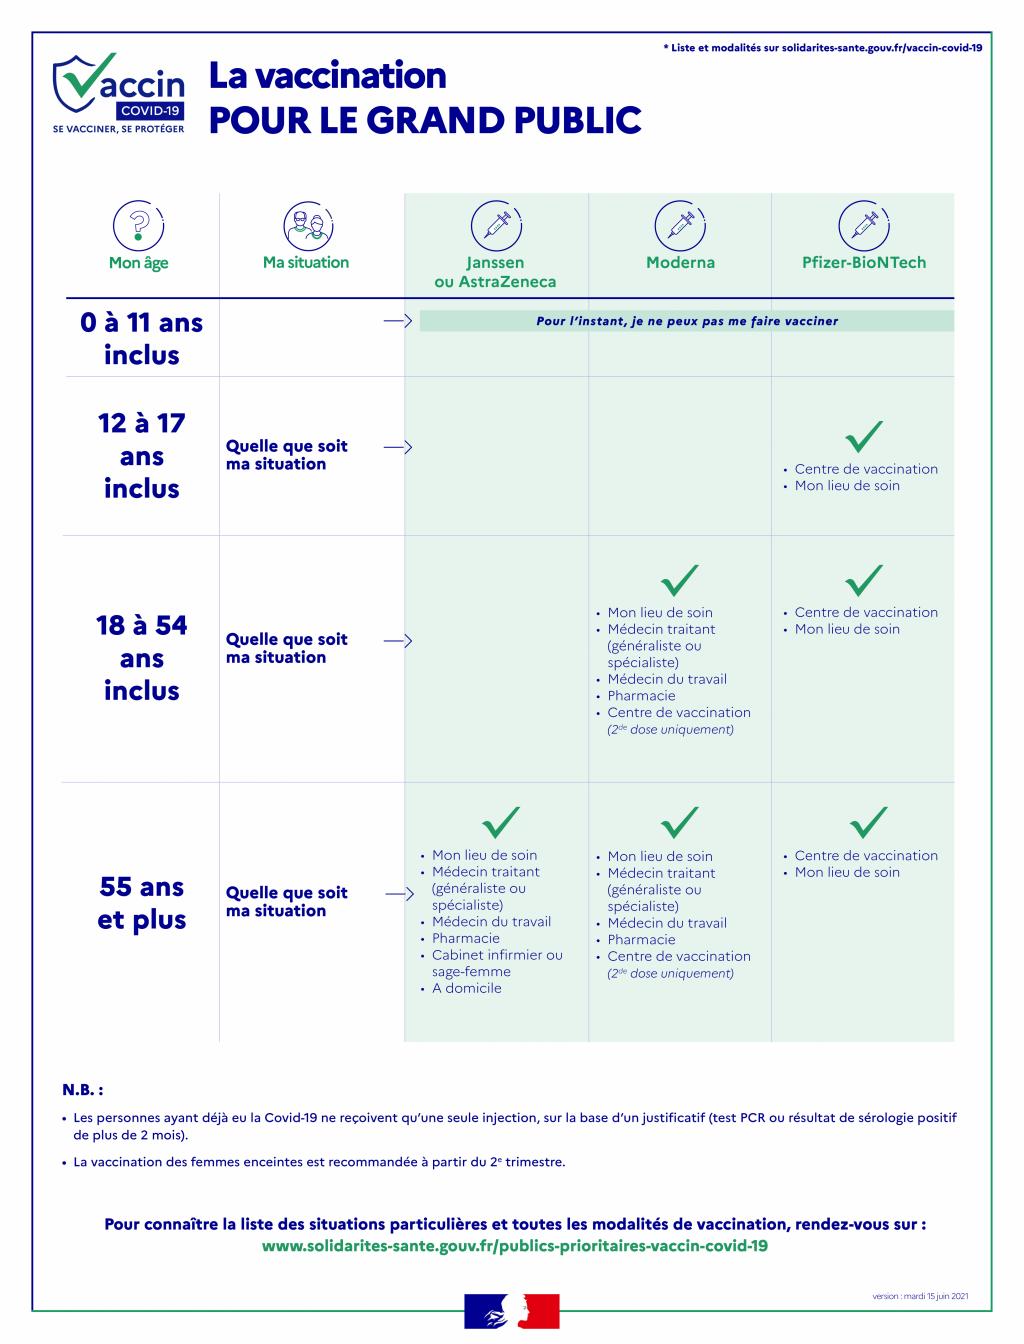 Infographie : la vaccination pour le grand public - Gouvernement Juin 2021